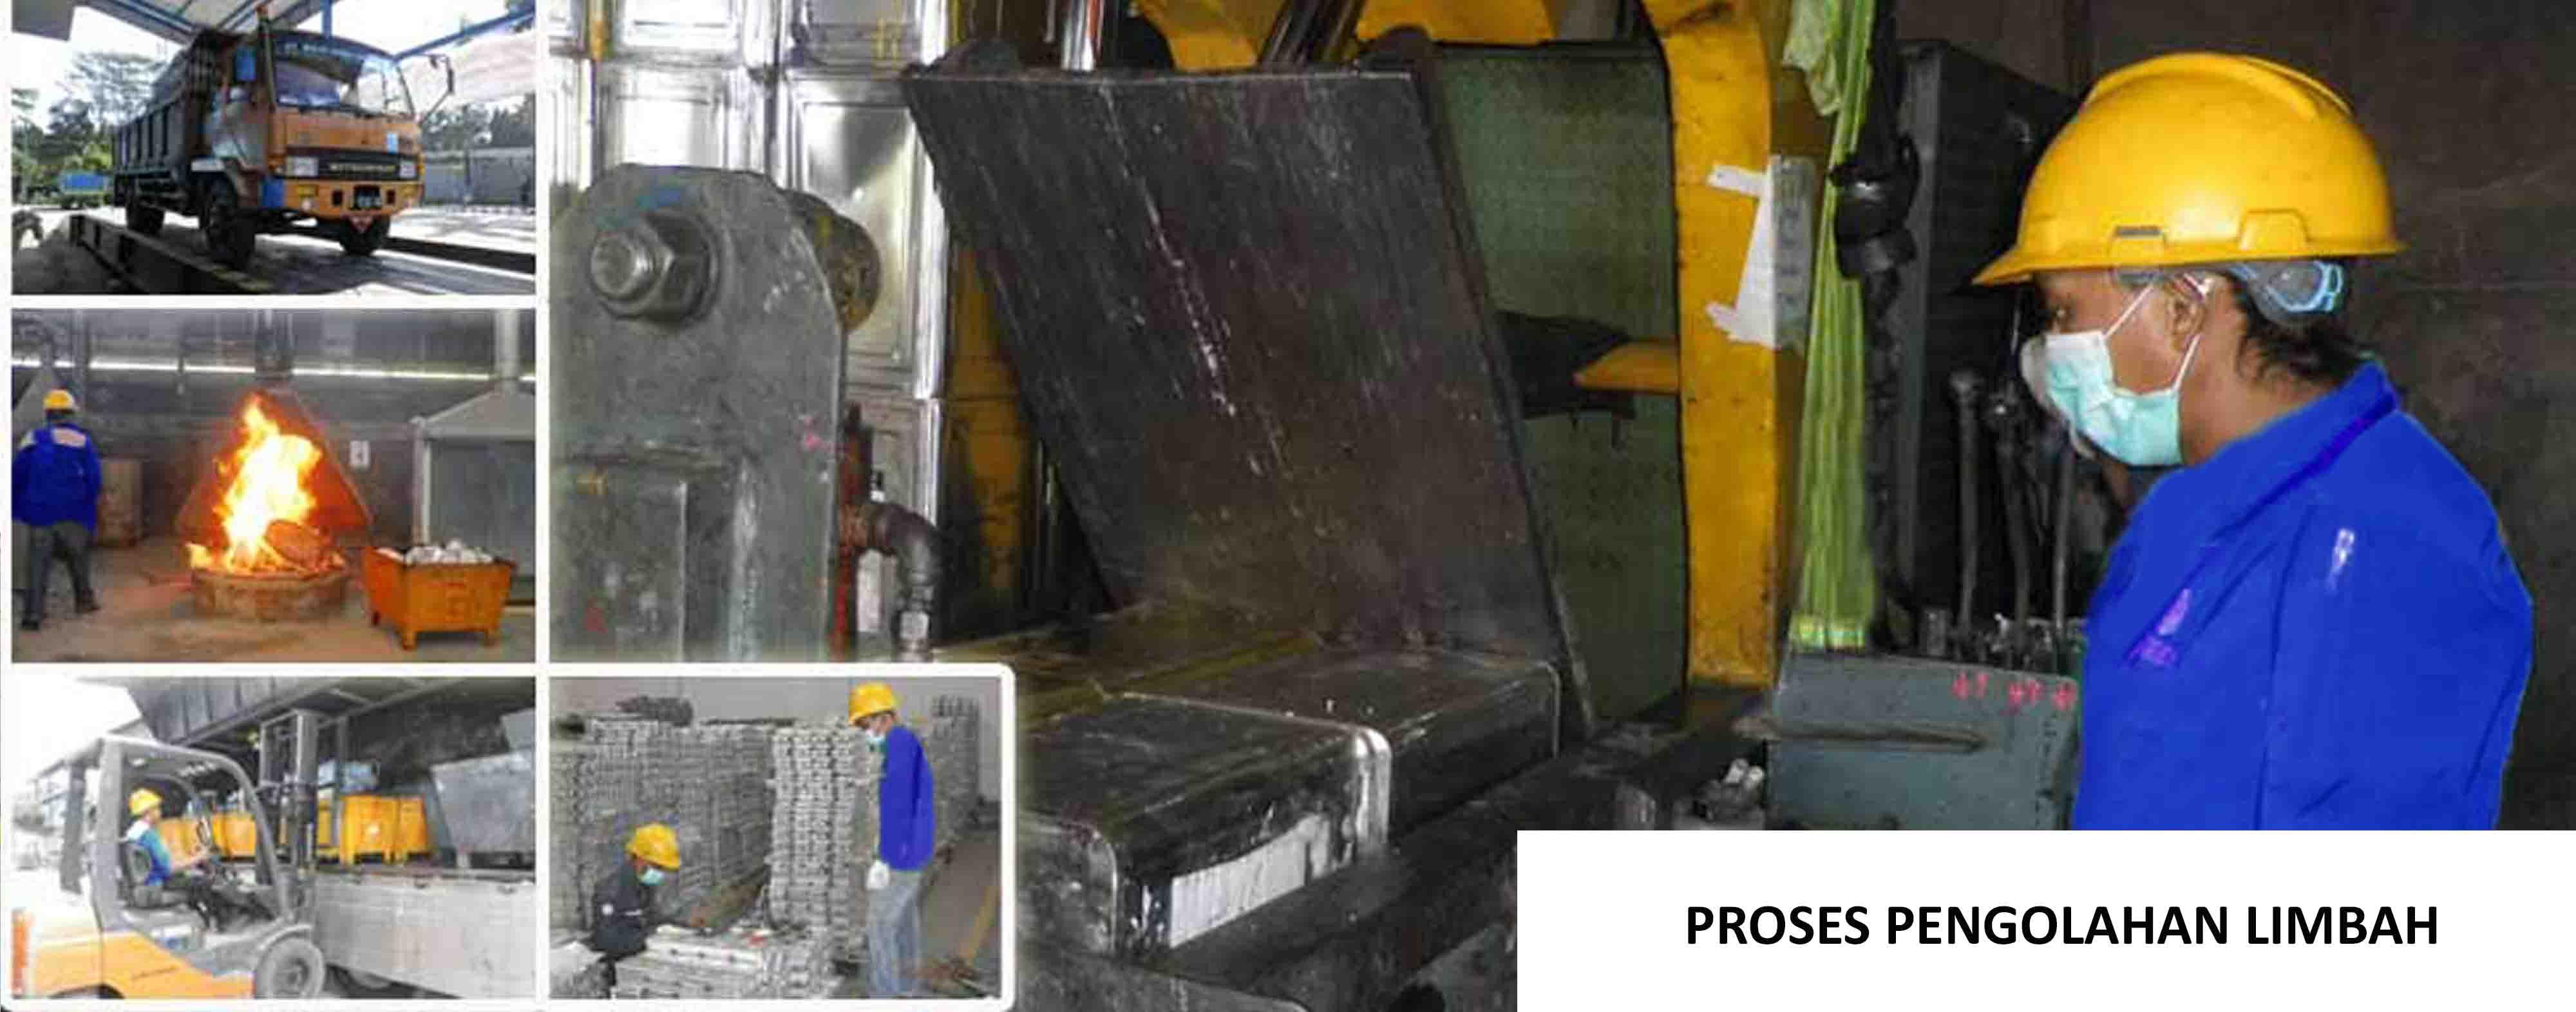 multihanna kreasindo pengolah limbah b3 proses pengolahan